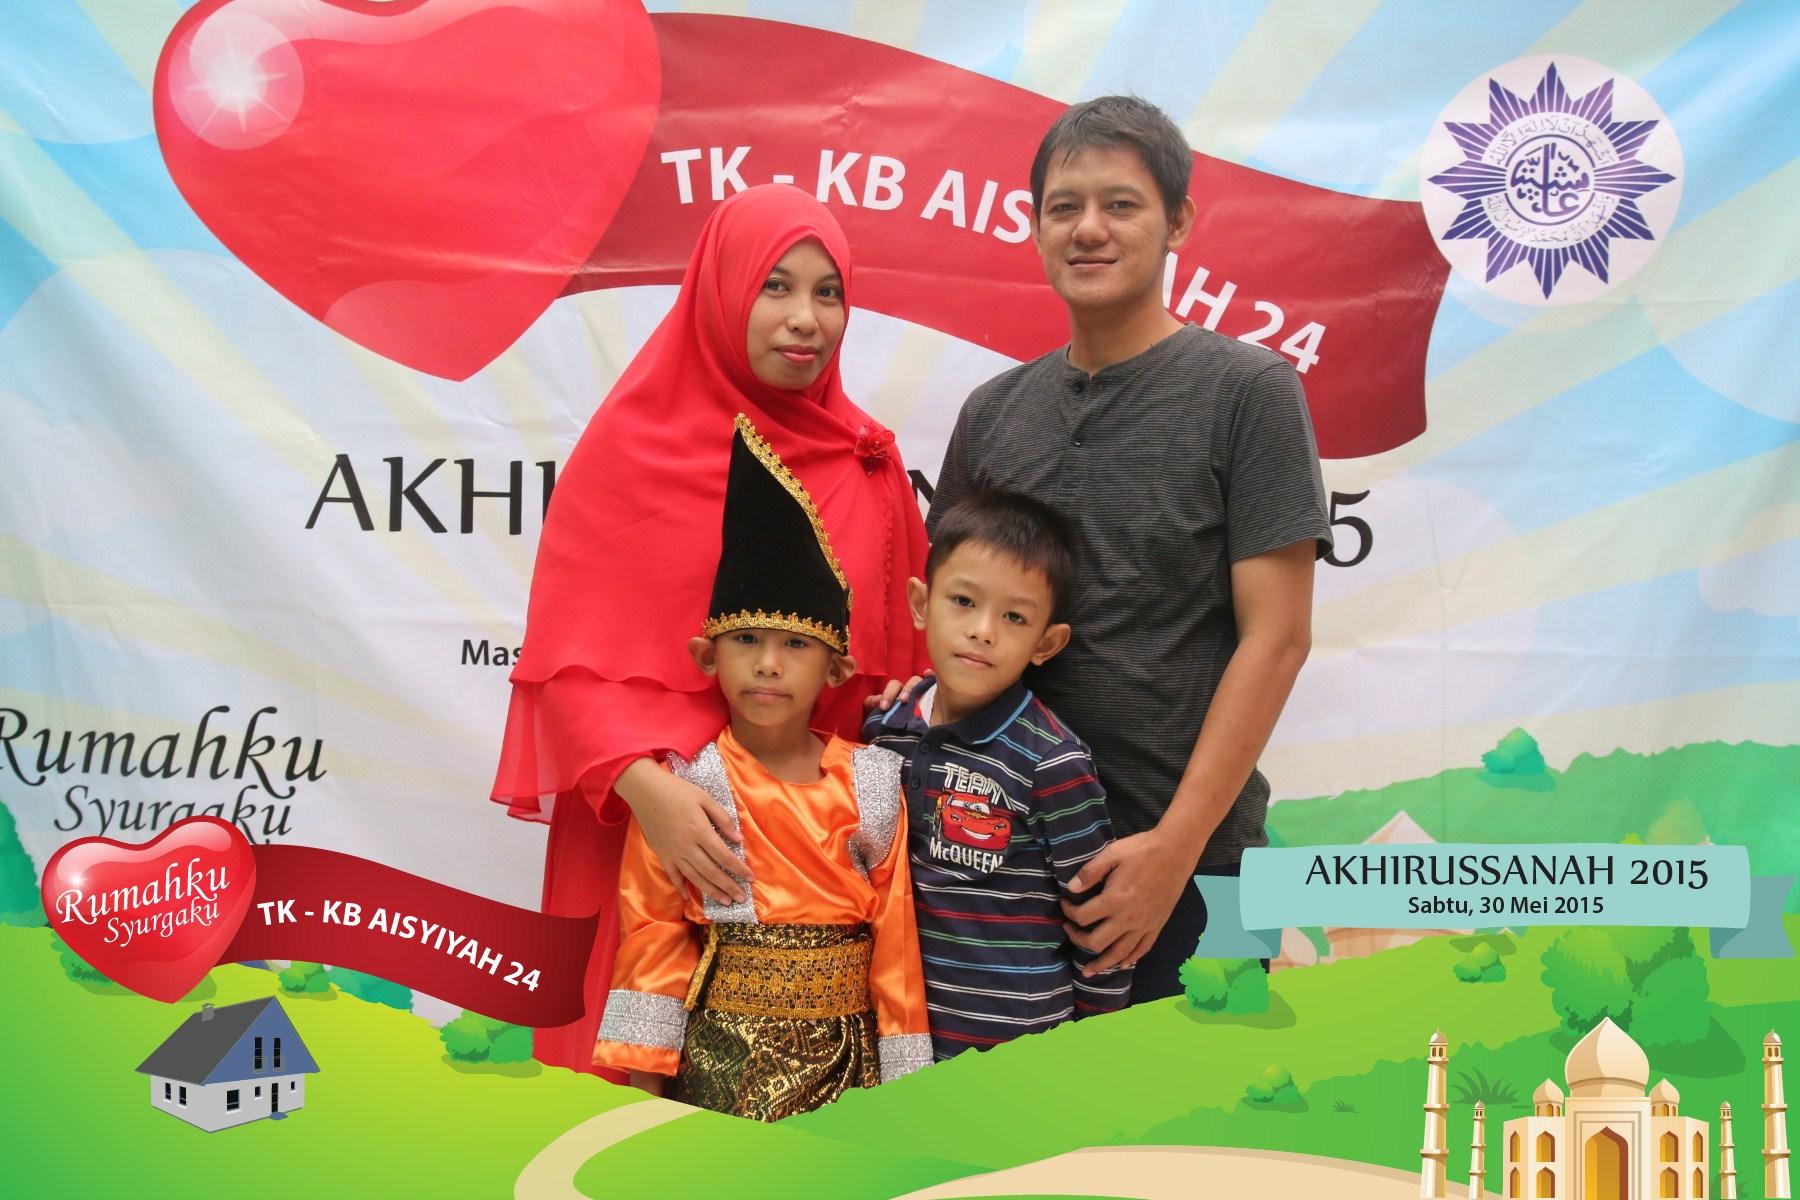 Perpisahan TK-KB AISYIYAH 24 (35)